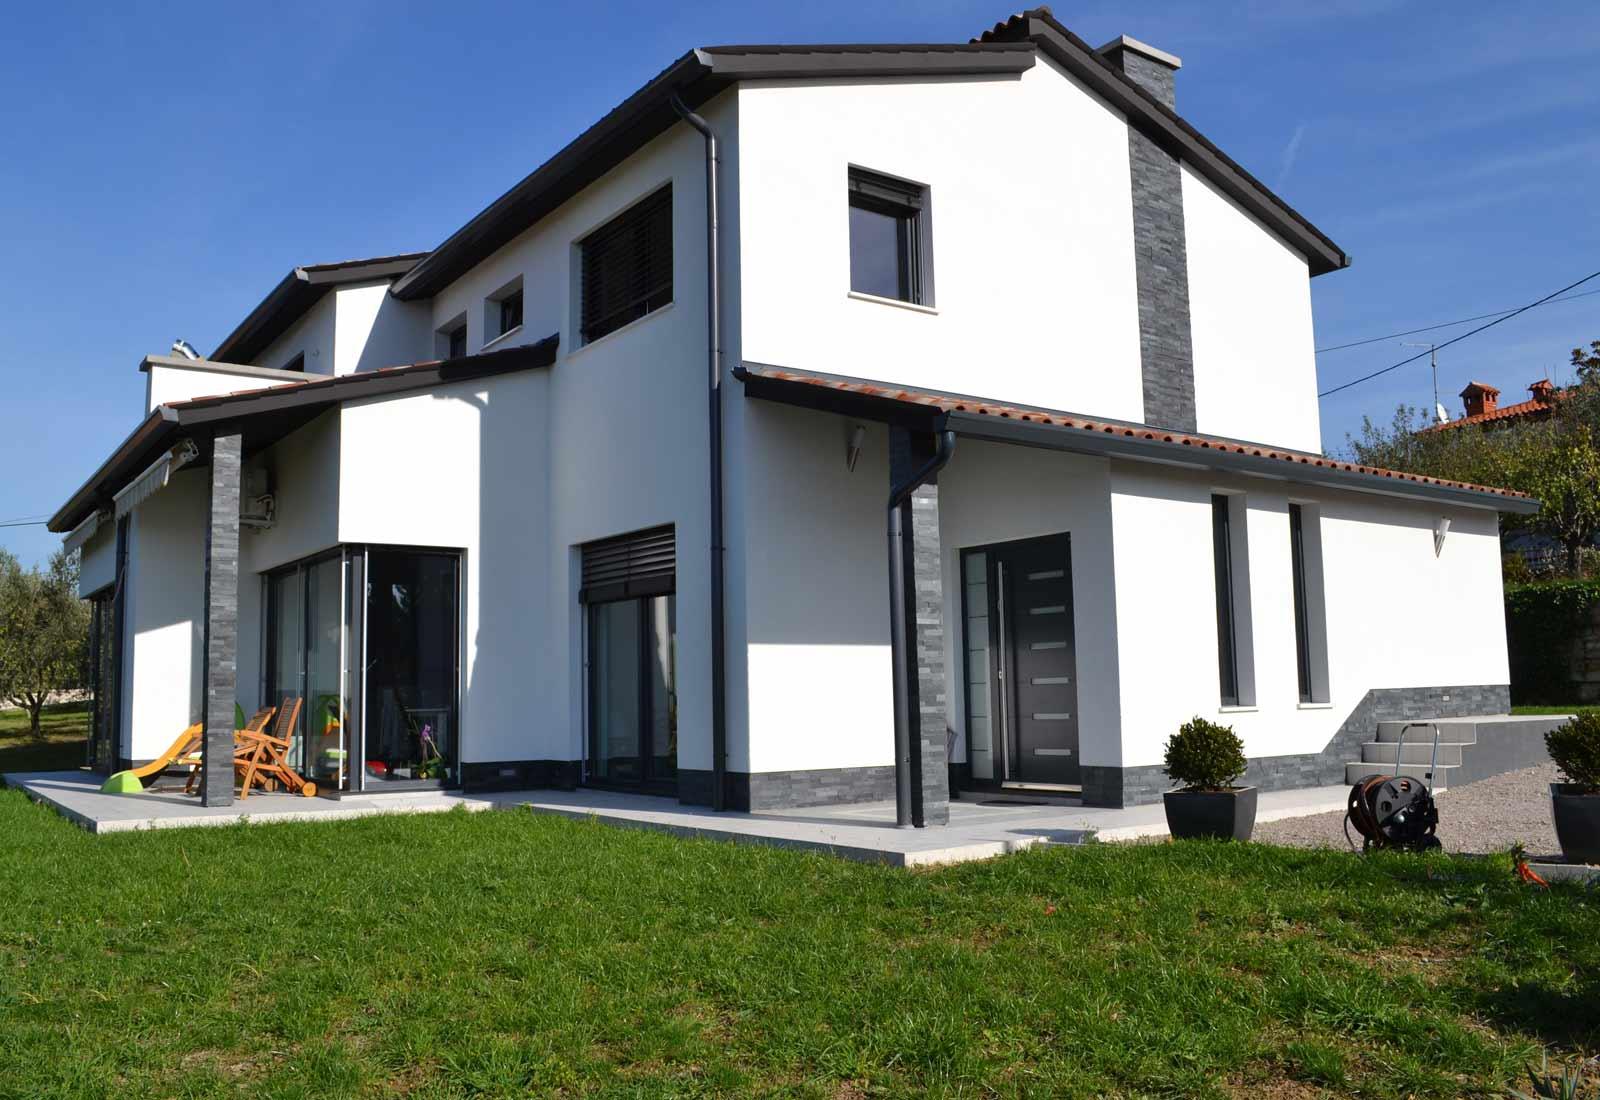 arhitektura enodružinske hiše